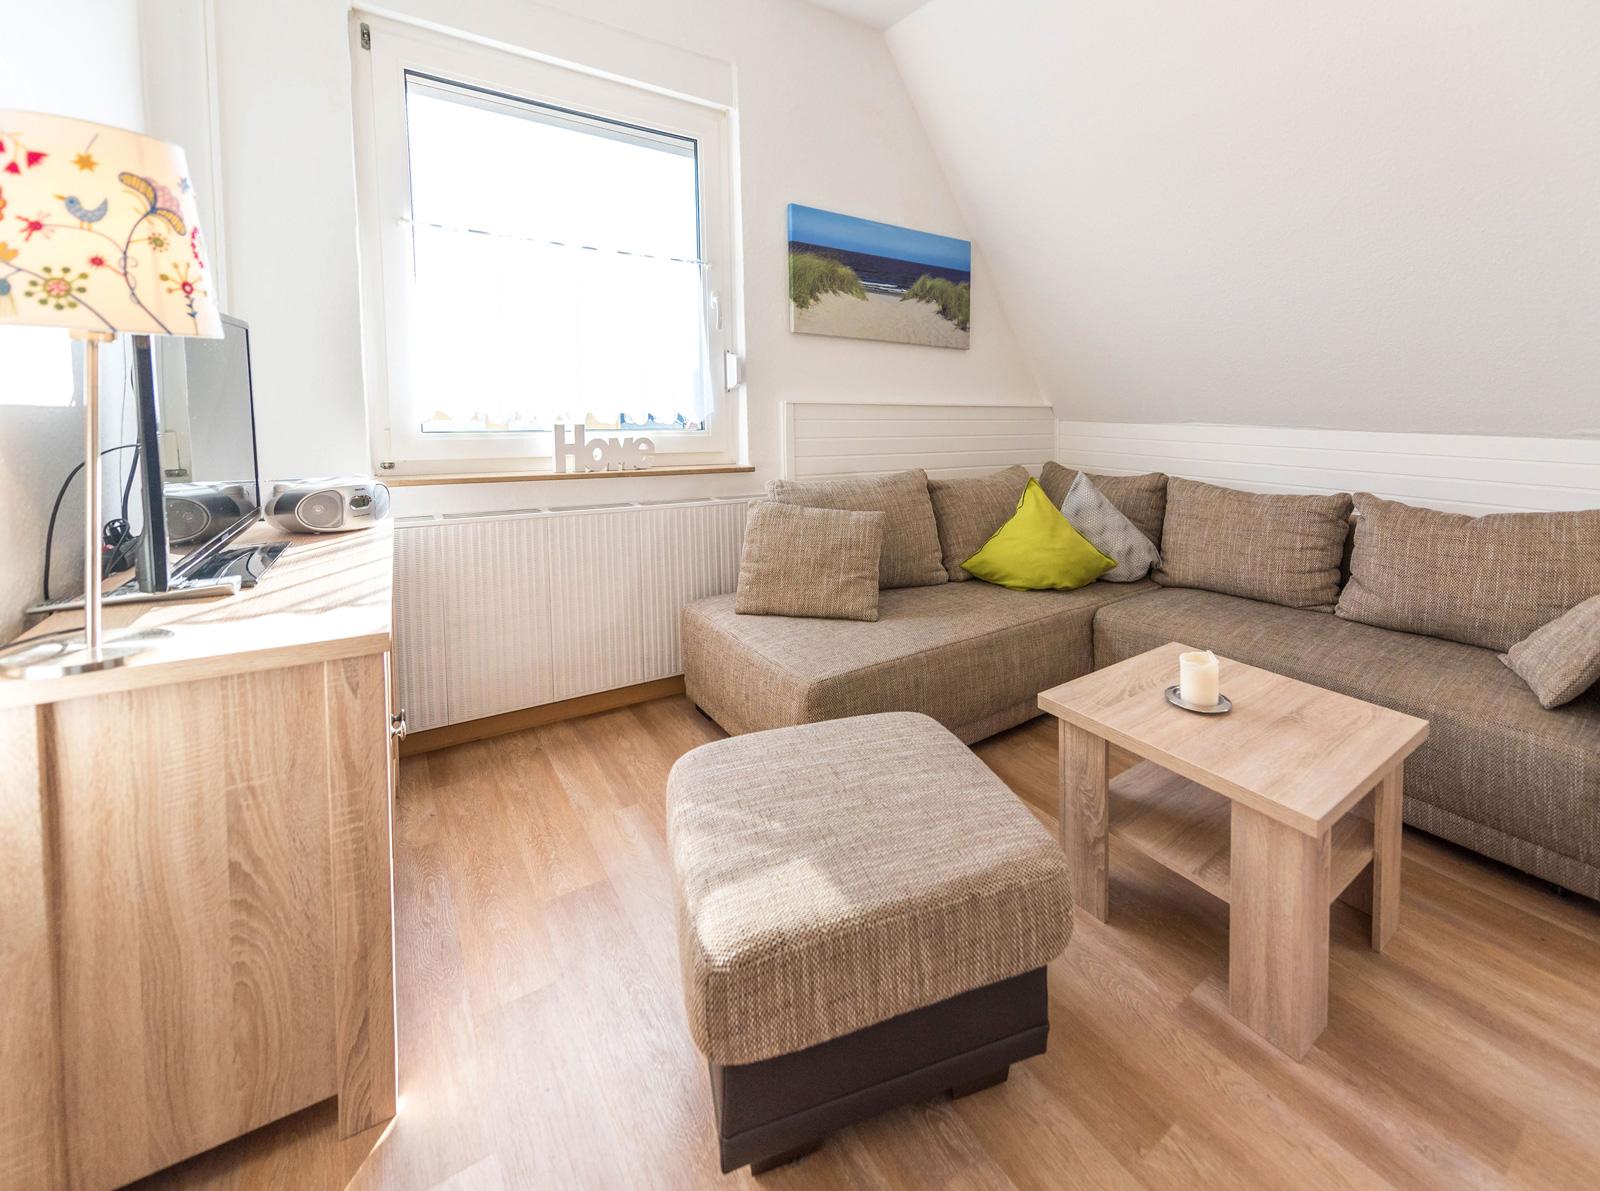 Sehr schöne und gemütliche Ferienwohnung mit separatem Schlafzimmer!